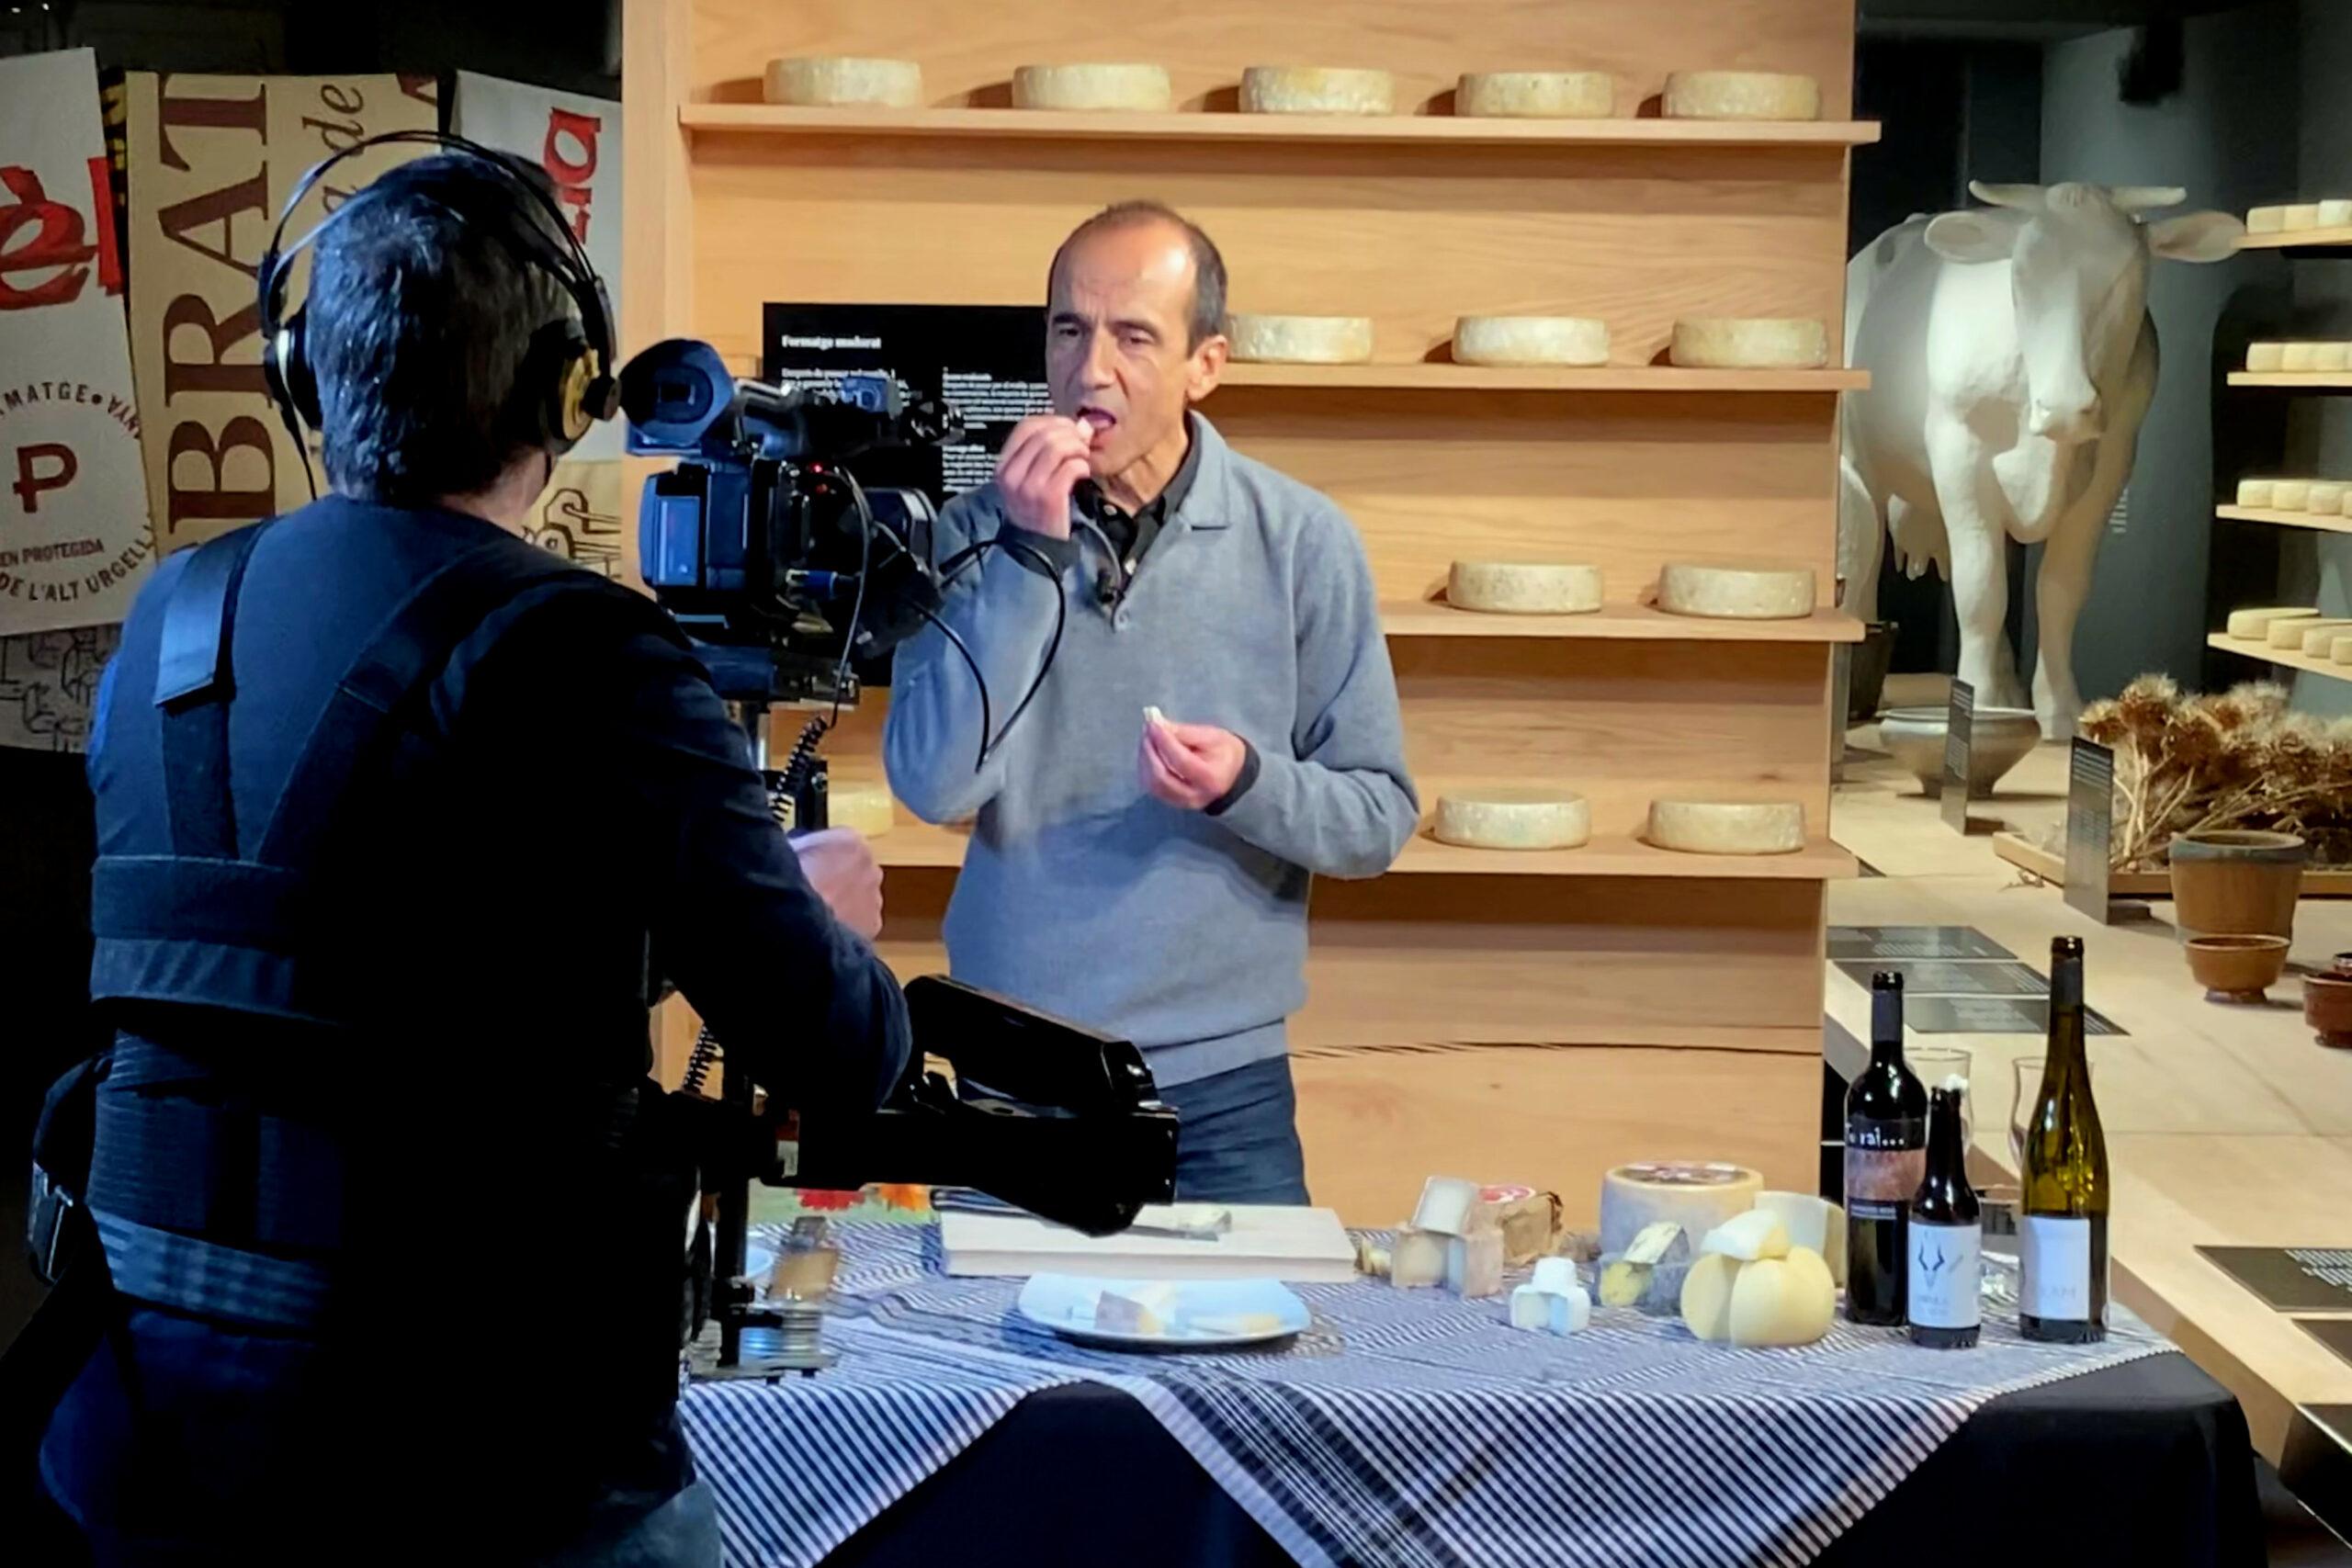 El gastrònom Pep Palau tastant un formatge durant la gravació d'un nou vídeo per al canal virtual de la Fira de Sant Ermengol de la Seu d'Urgell i on es veu també el càmera encarregat de l'audiovisual | ACN